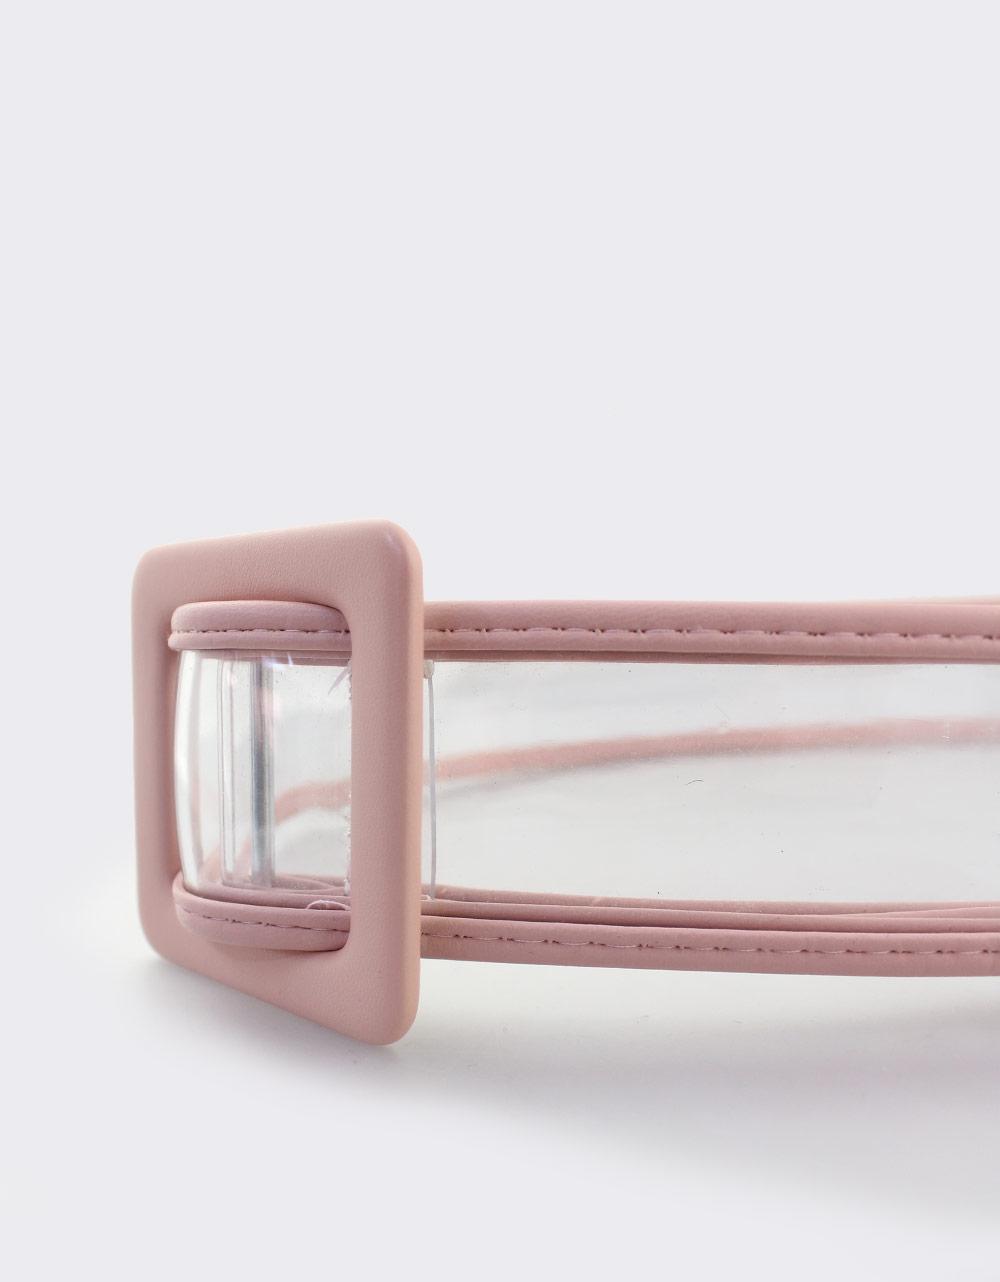 ea6fd827fb Εικόνα από Γυναικείες ζώνες με διαφάνεια Ροζ